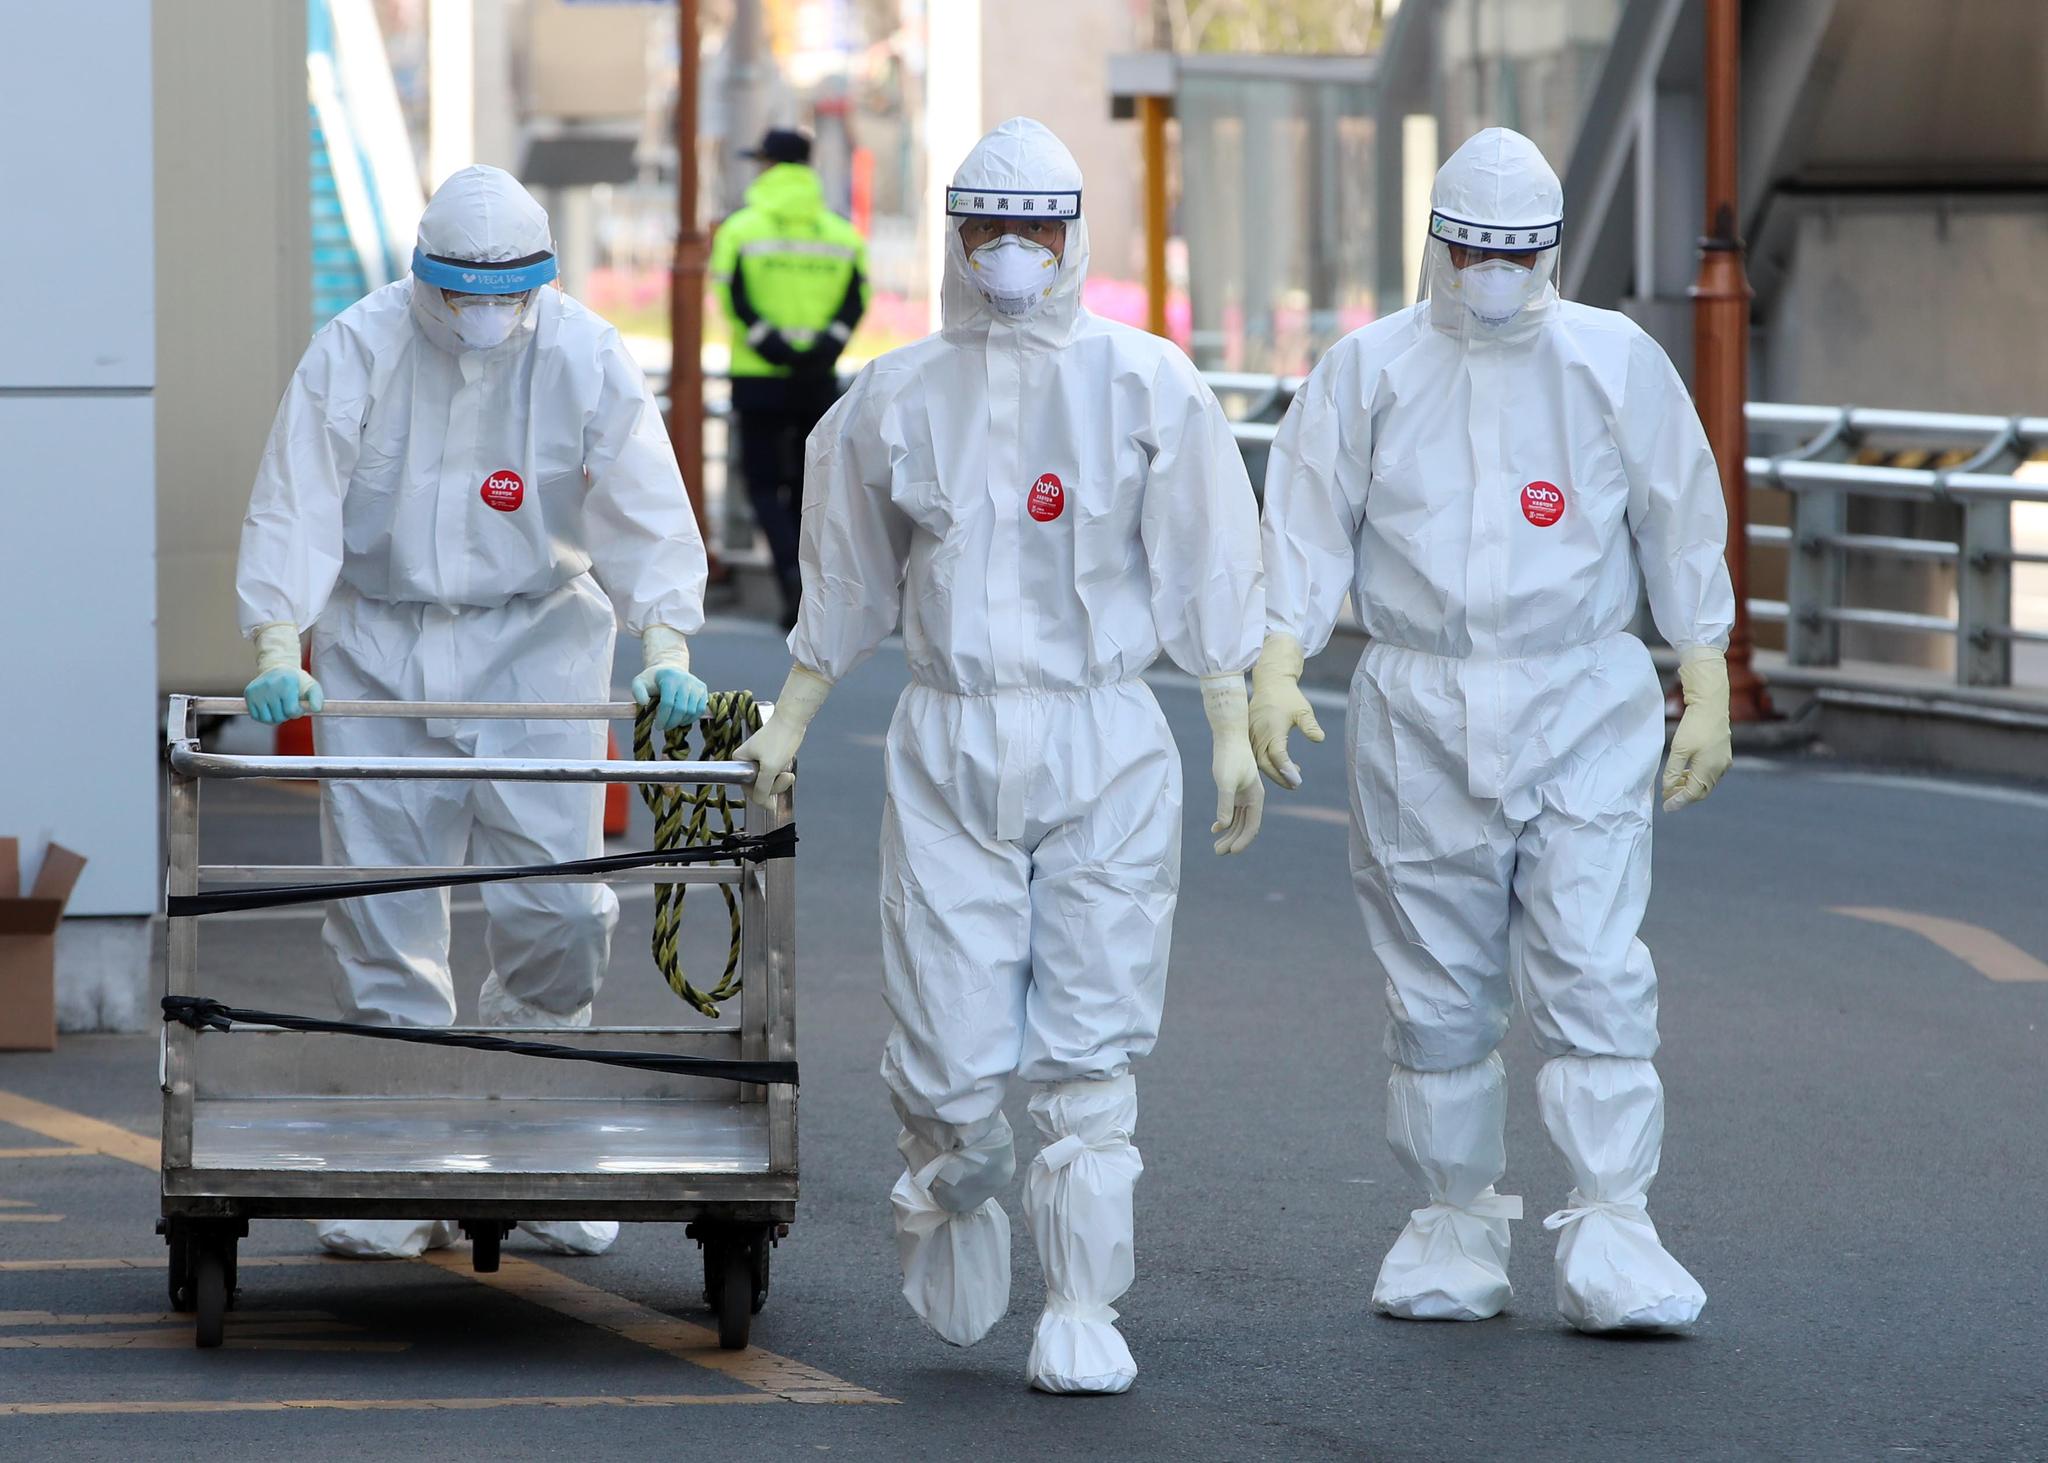 5일 대구시 중구 계명대학교 대구동산병원에서 의료진이 신종 코로나바이러스 감염증(코로나19) 환자들이 입원한 병동으로 향하고 있다. 연합뉴스